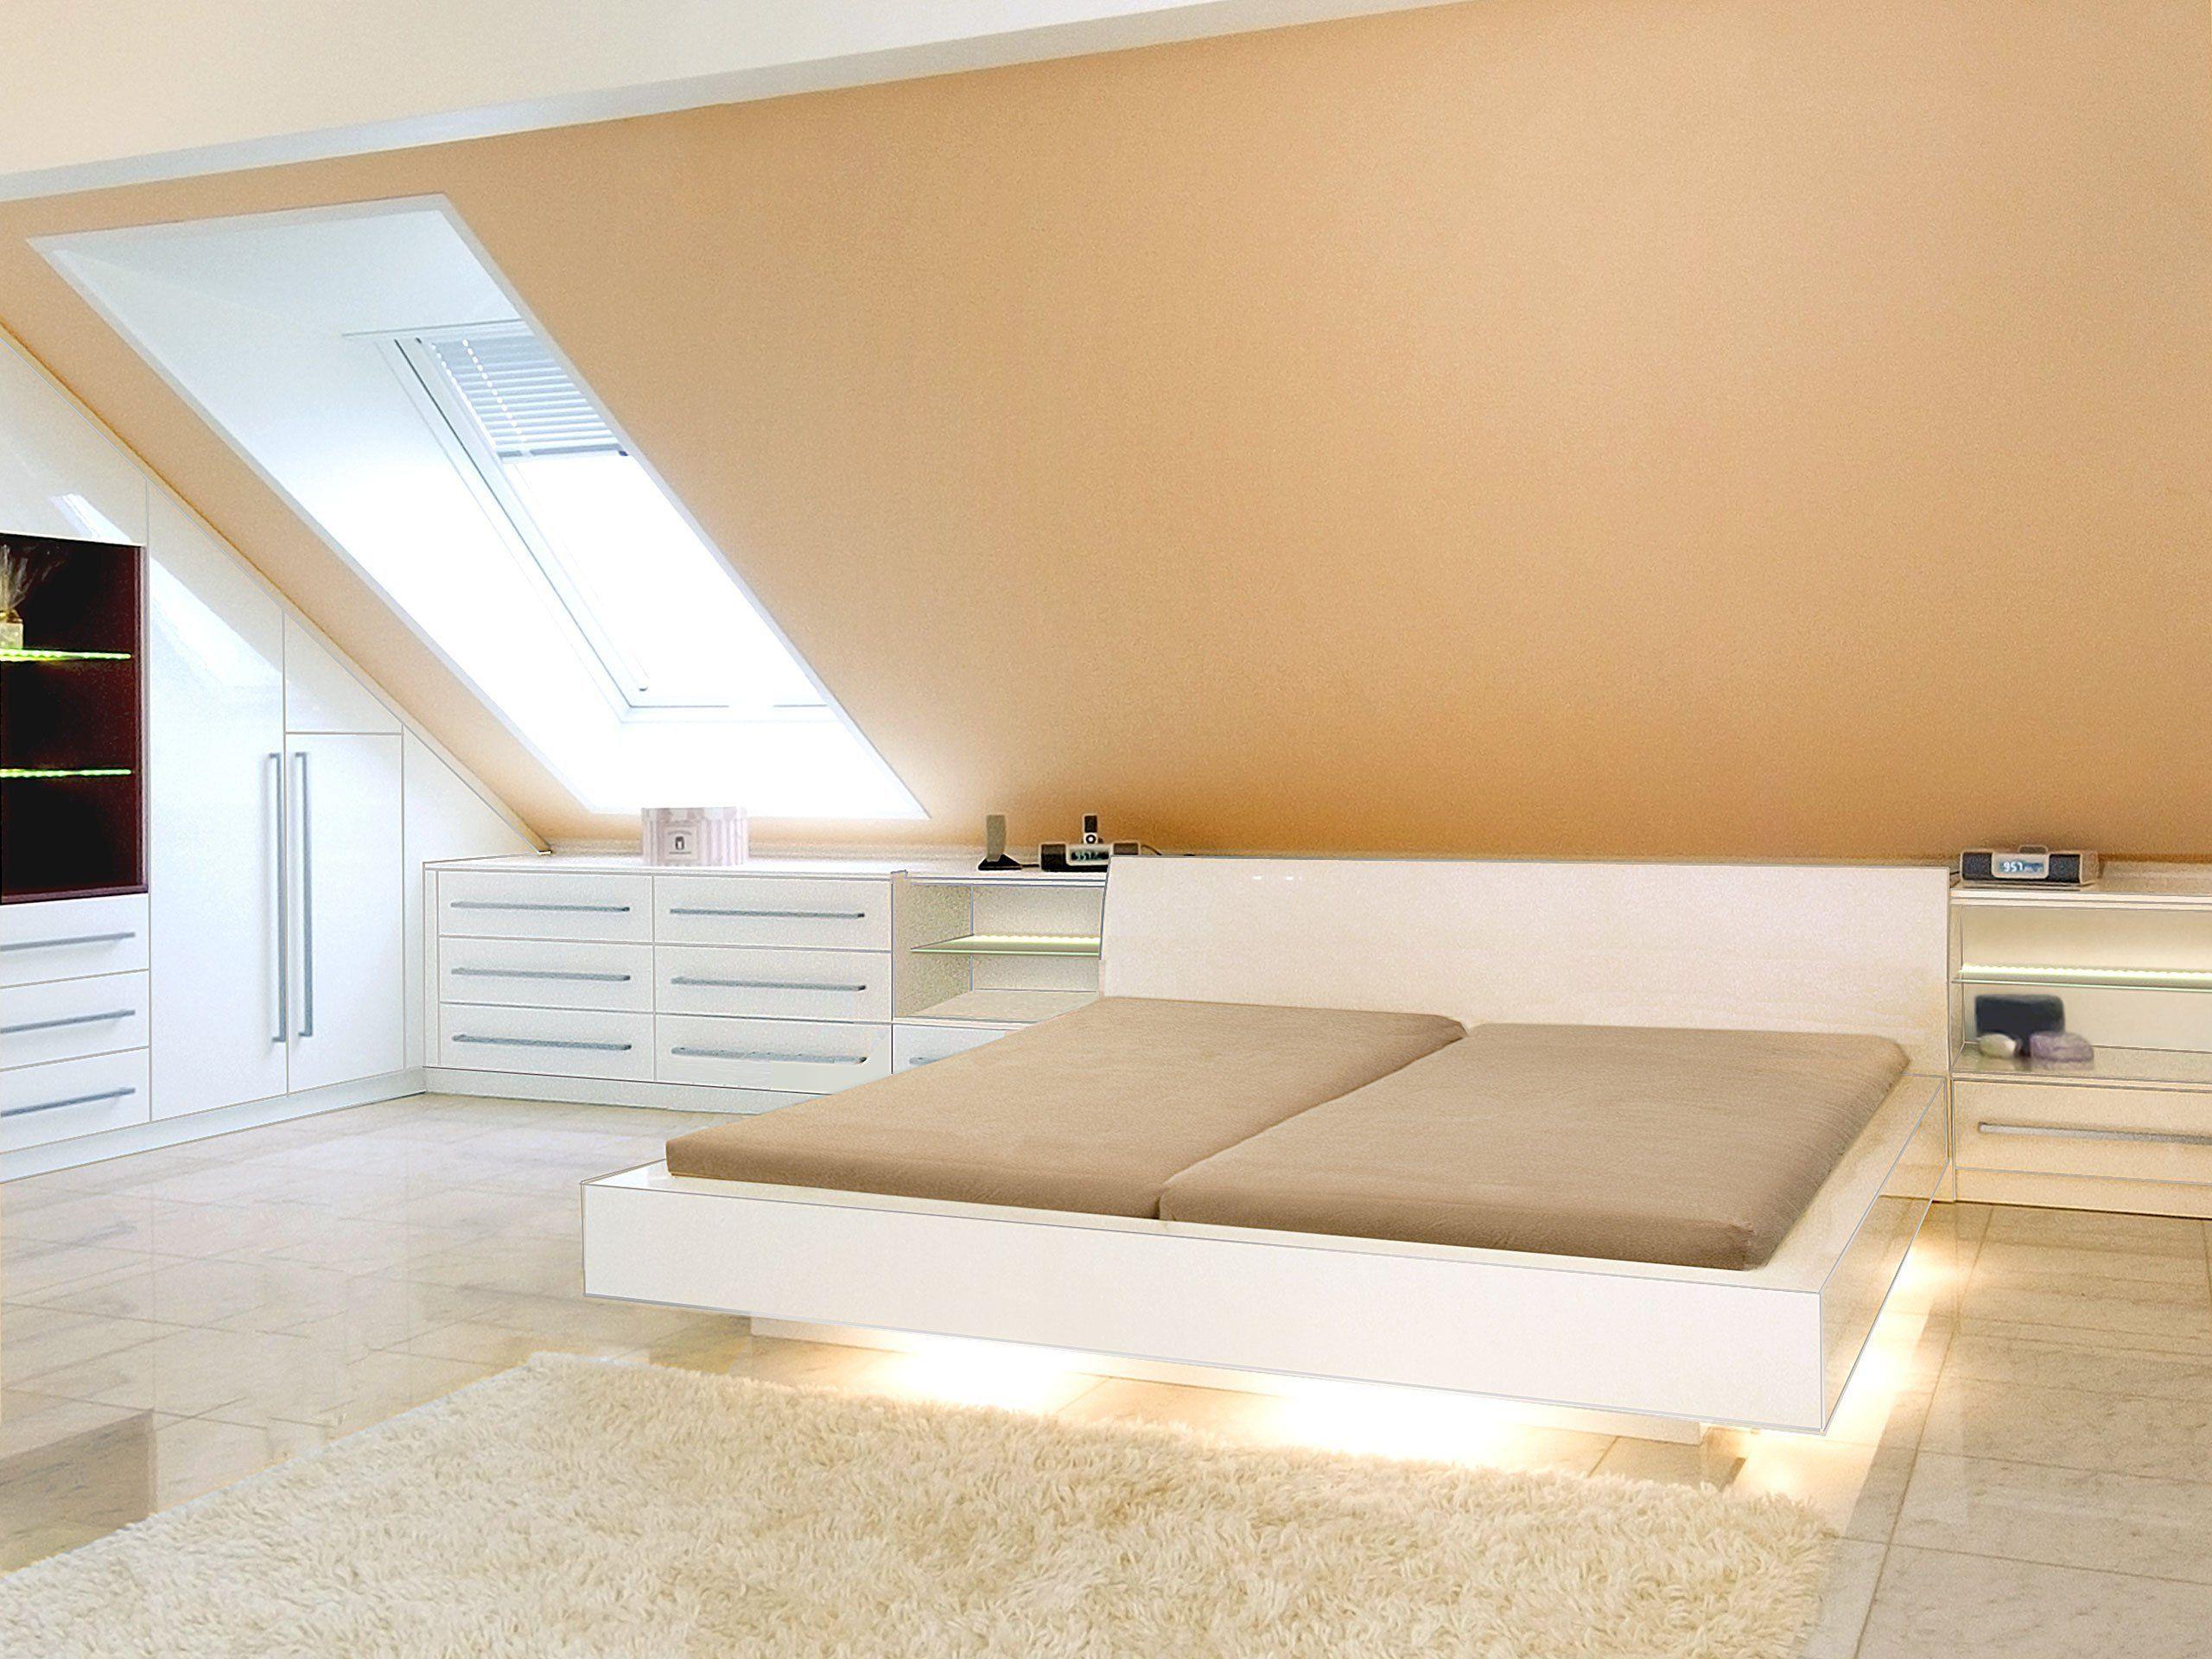 Schlafzimmer Mit Schräge Streichen Ideen  Schlafzimmer einrichten